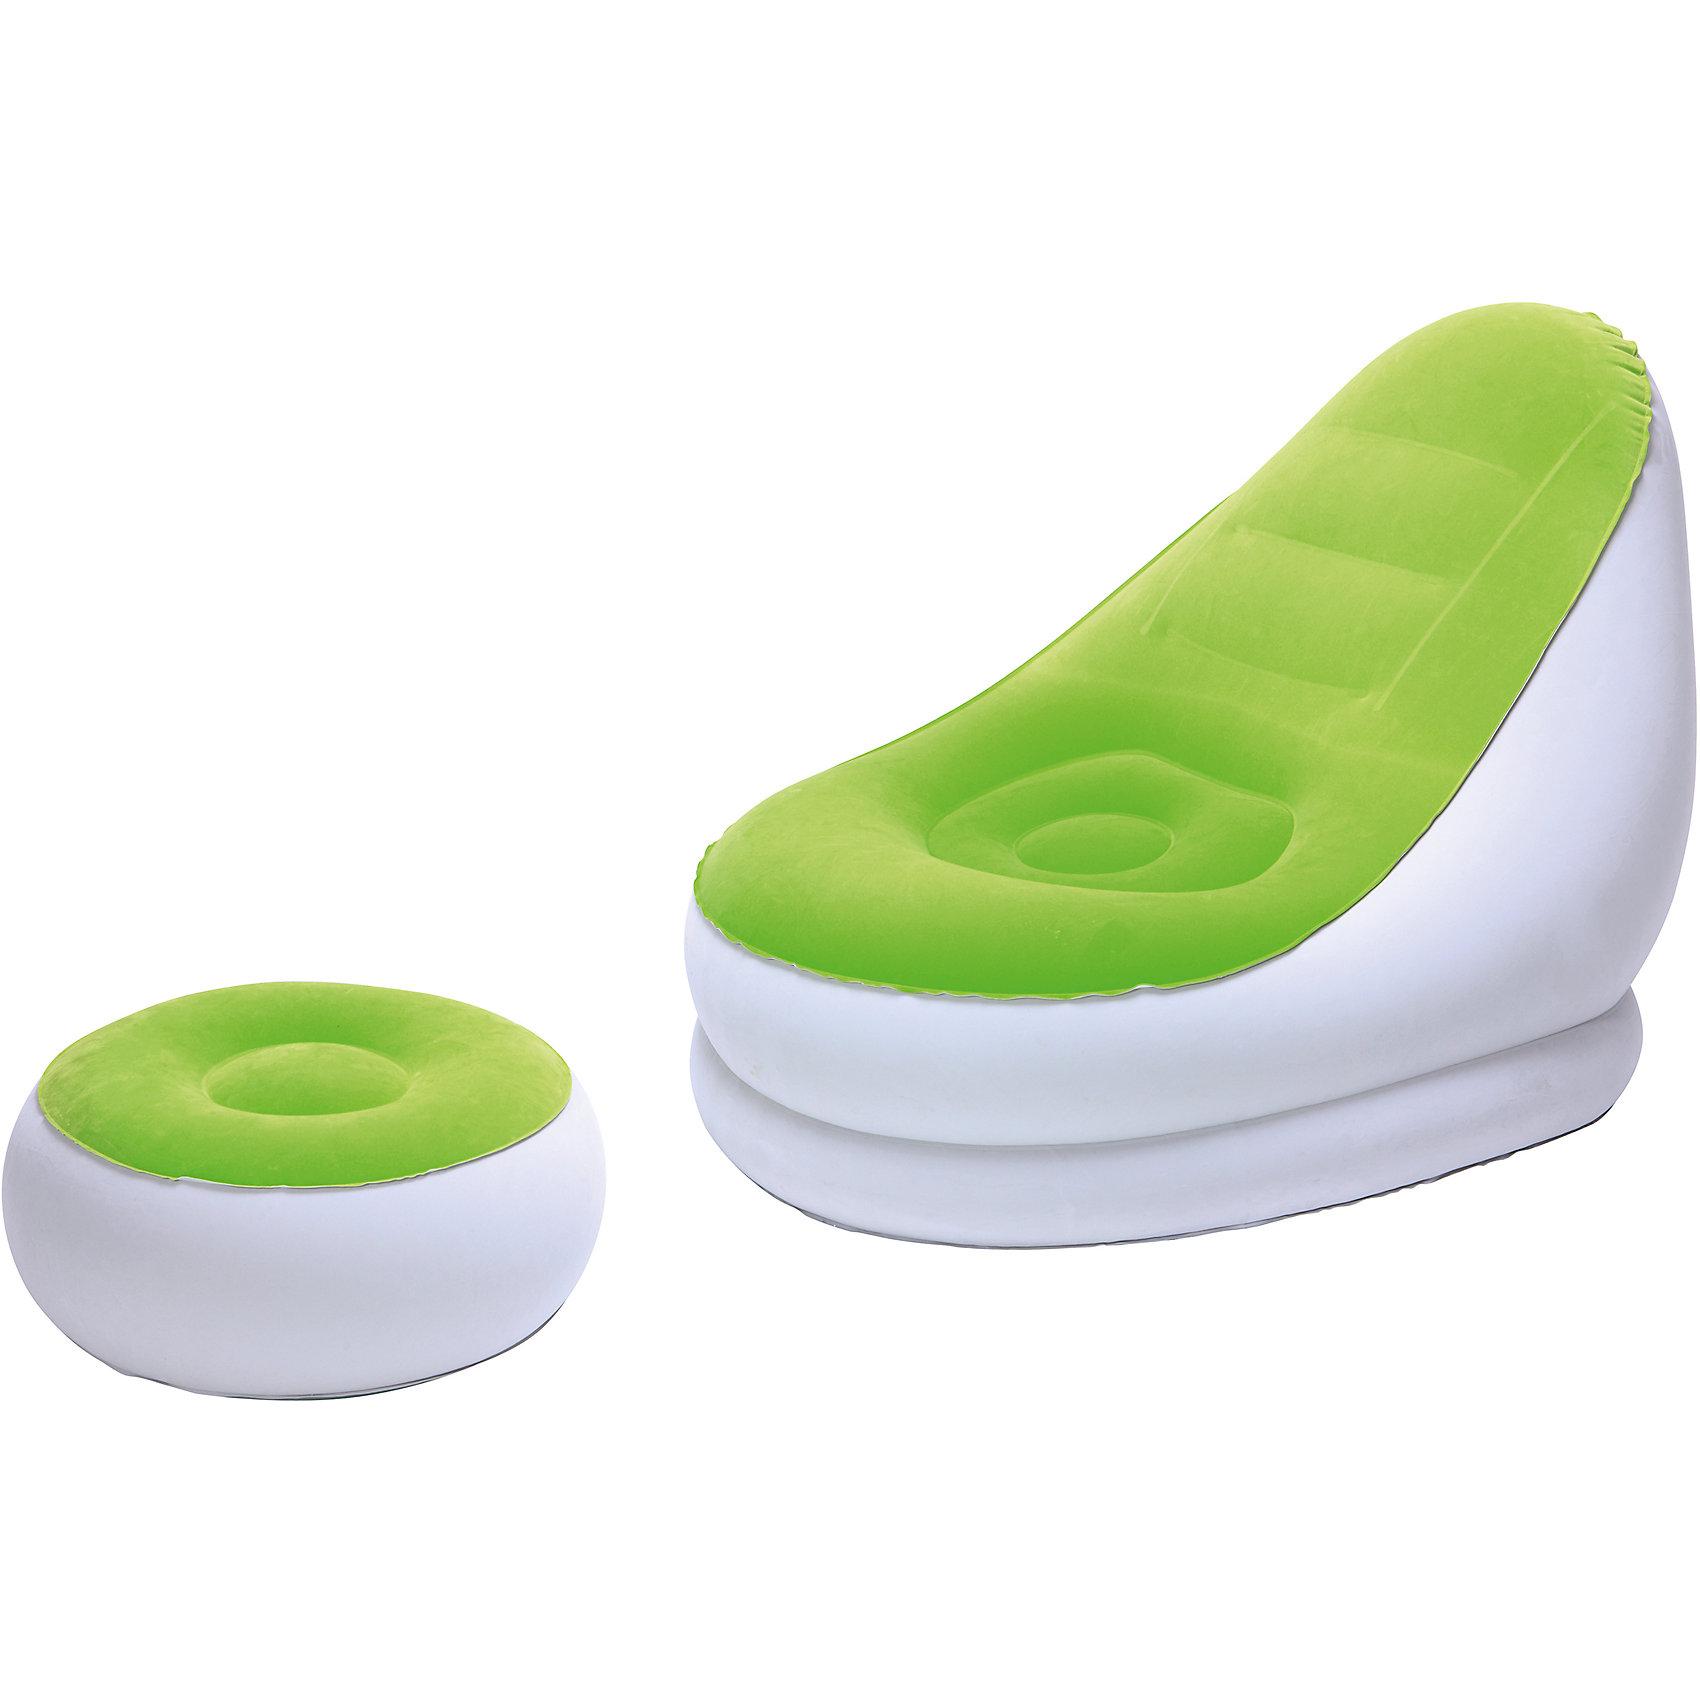 Кресло надувное с пуфиком, зеленое, BestwayМягкая игровая мебель<br>Кресло надувное с пуфиком, зеленое, Bestway (Бествей)<br><br>Характеристики:<br><br>• мягкое сиденье<br>• удобный пуфик<br>• прочные материалы<br>• яркий дизайн<br>• цвет: зеленый<br>• размер кресла: 122х94х81 см<br>• размер пуфика: 54х54х26 см<br>• размер упаковки: 10х35х33 см<br>• вес: 2,5 кг<br><br>Надувное кресло отлично дополнит мебель в вашем доме. Стильный дизайн кресла добавит яркости интерьеру комнаты. В комплект входит небольшой пуфик, который в сочетании с креслом позволит вам отдохнуть с комфортом. Изделия выполнены из прочного винила с флокированной поверхностью. Кресло мягкое и приятное на ощупь. В комплекте заплатка для ремонта.<br><br>Кресло надувное с пуфиком, зеленое, Bestway (Бествей) вы можете купить в нашем интернет-магазине.<br><br>Ширина мм: 630<br>Глубина мм: 340<br>Высота мм: 365<br>Вес г: 2443<br>Возраст от месяцев: 72<br>Возраст до месяцев: 2147483647<br>Пол: Унисекс<br>Возраст: Детский<br>SKU: 5486963